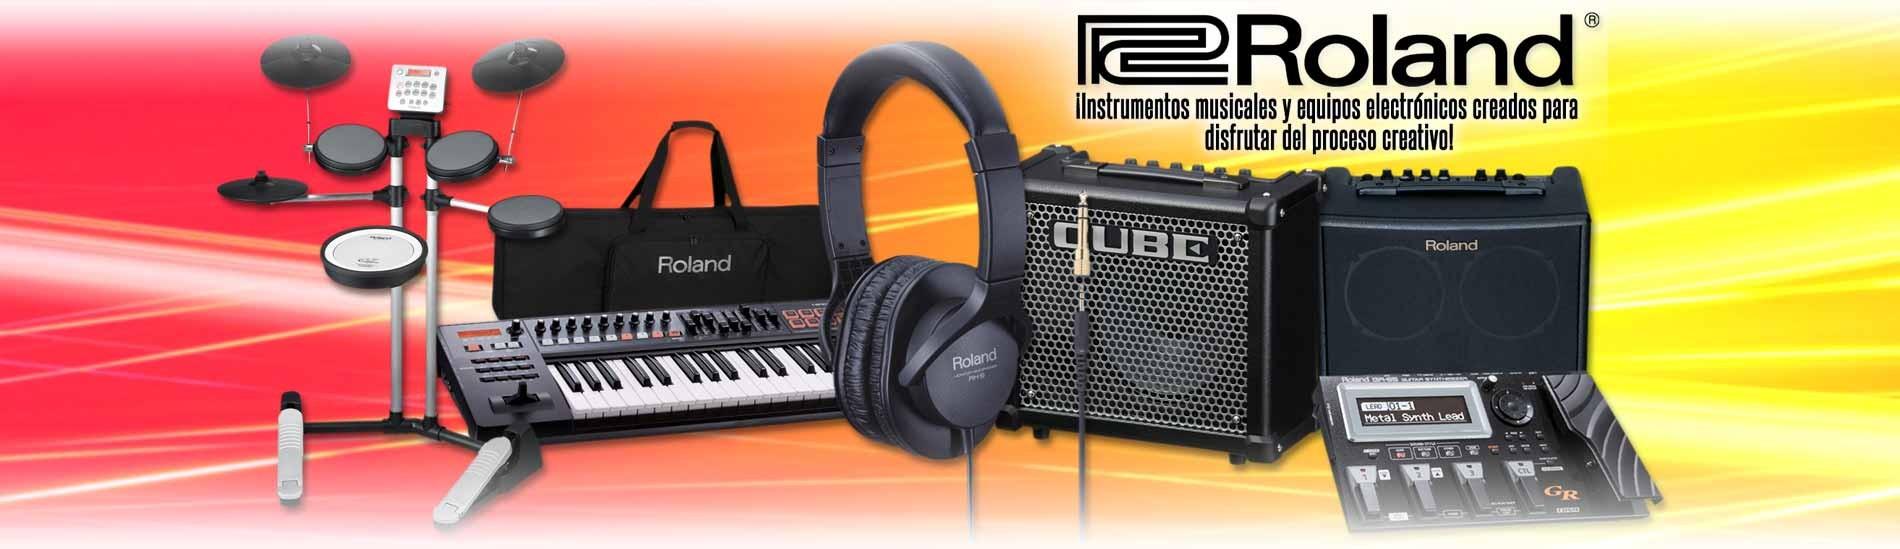 Roland - Instrumentos musicales y equipos electrónicos